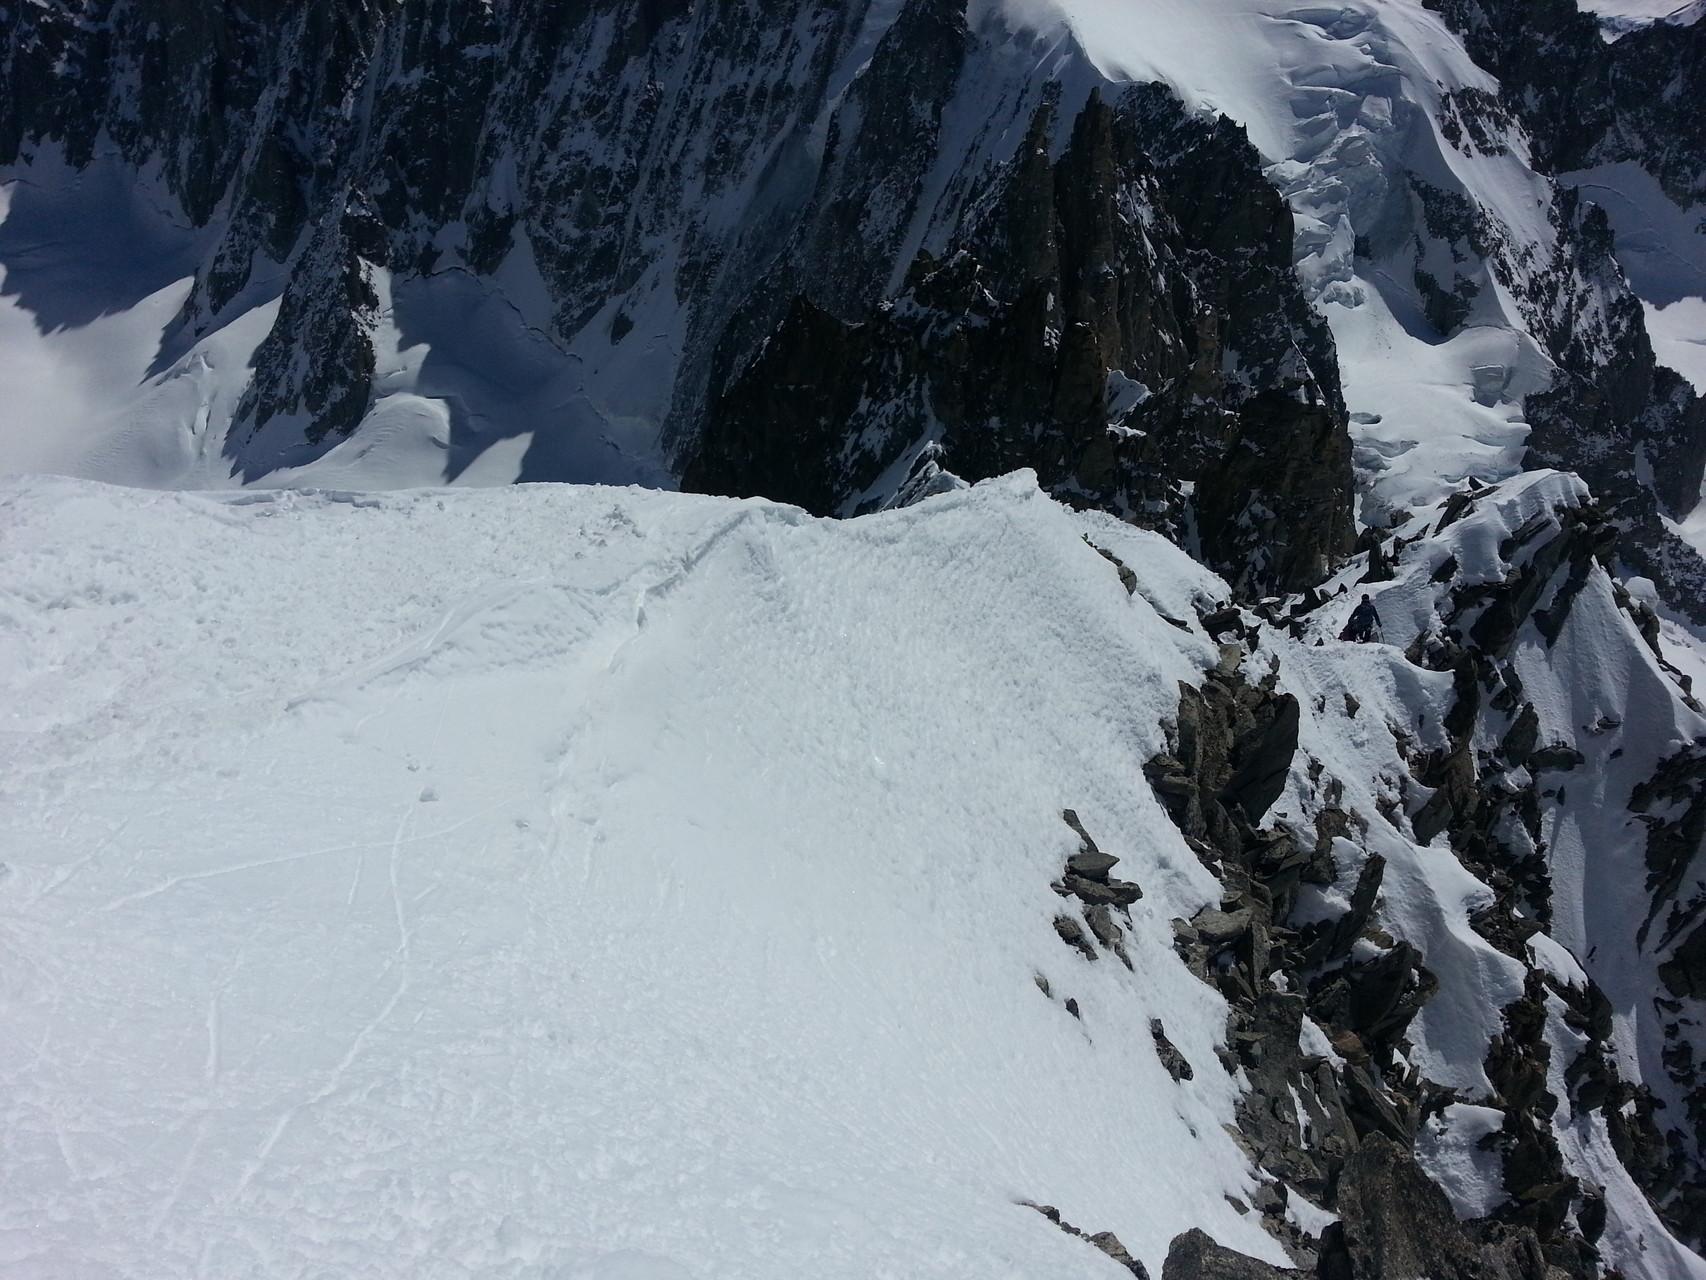 Zuerst der Abstieg über den Grat, dann durch die Nordostflanke